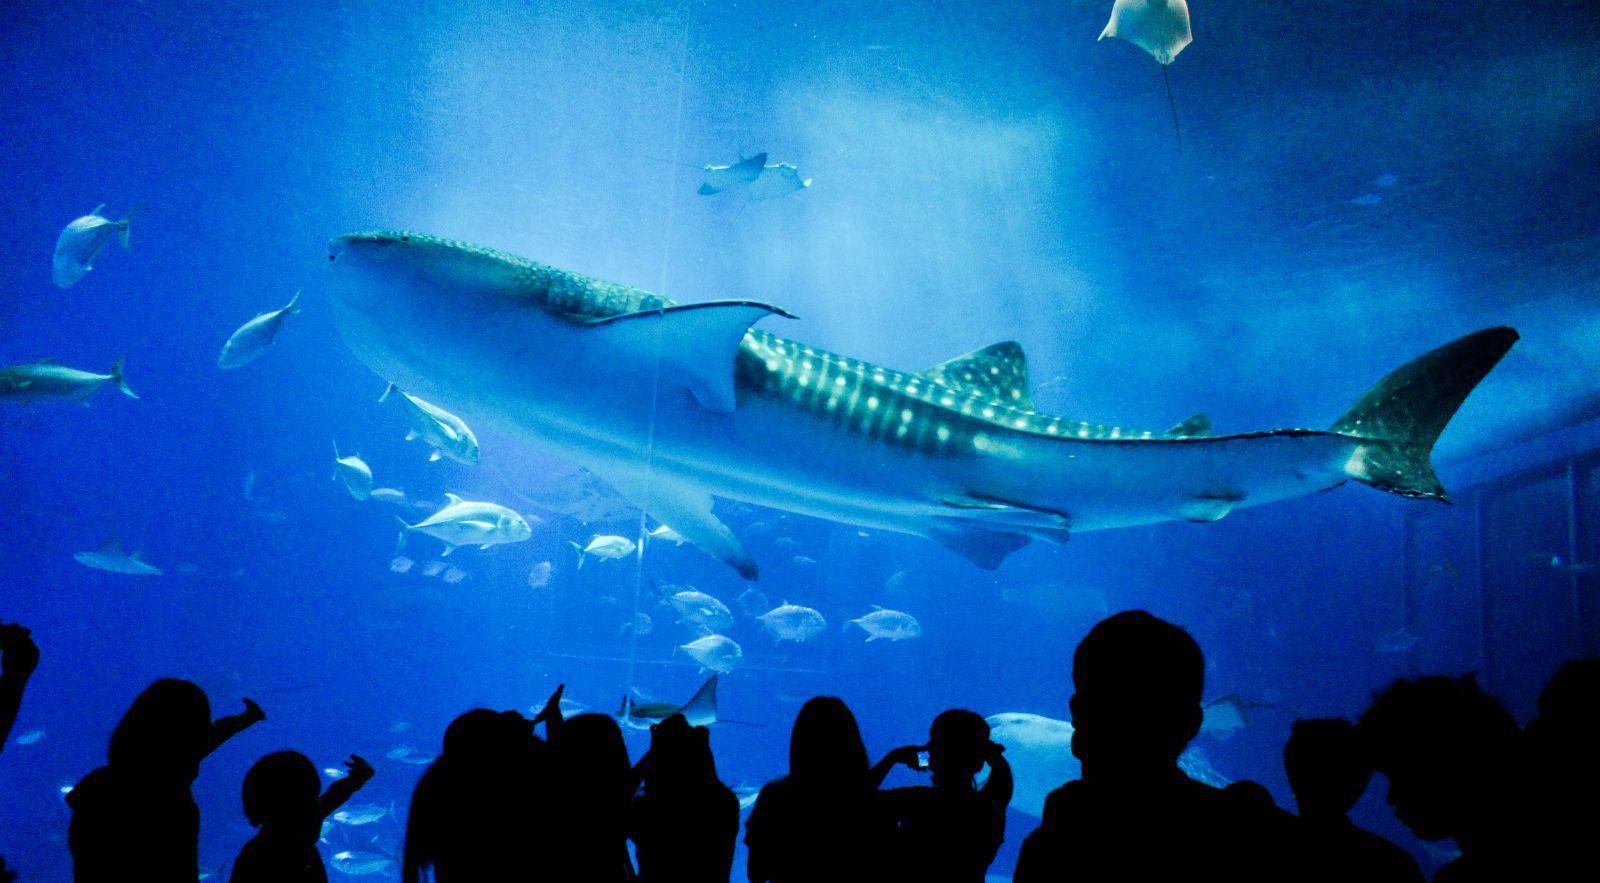 壁纸 海底 海底世界 海洋馆 水族馆 1600_883